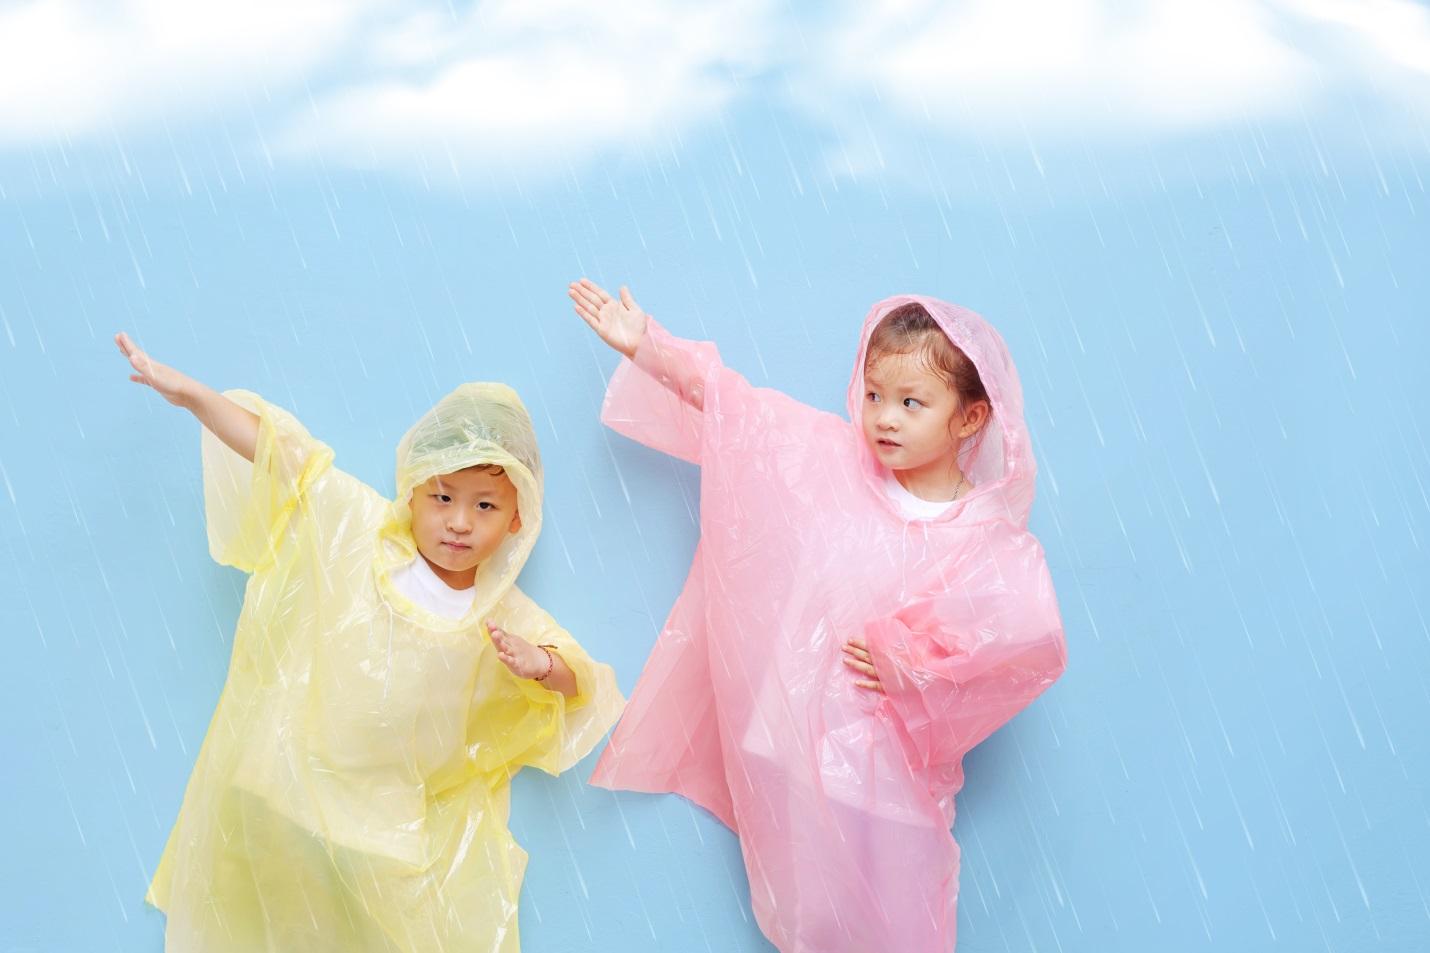 Jangan Sampai Lupa, Ini Essential Kit yang Harus Ada di Rumah Saat Musim Hujan